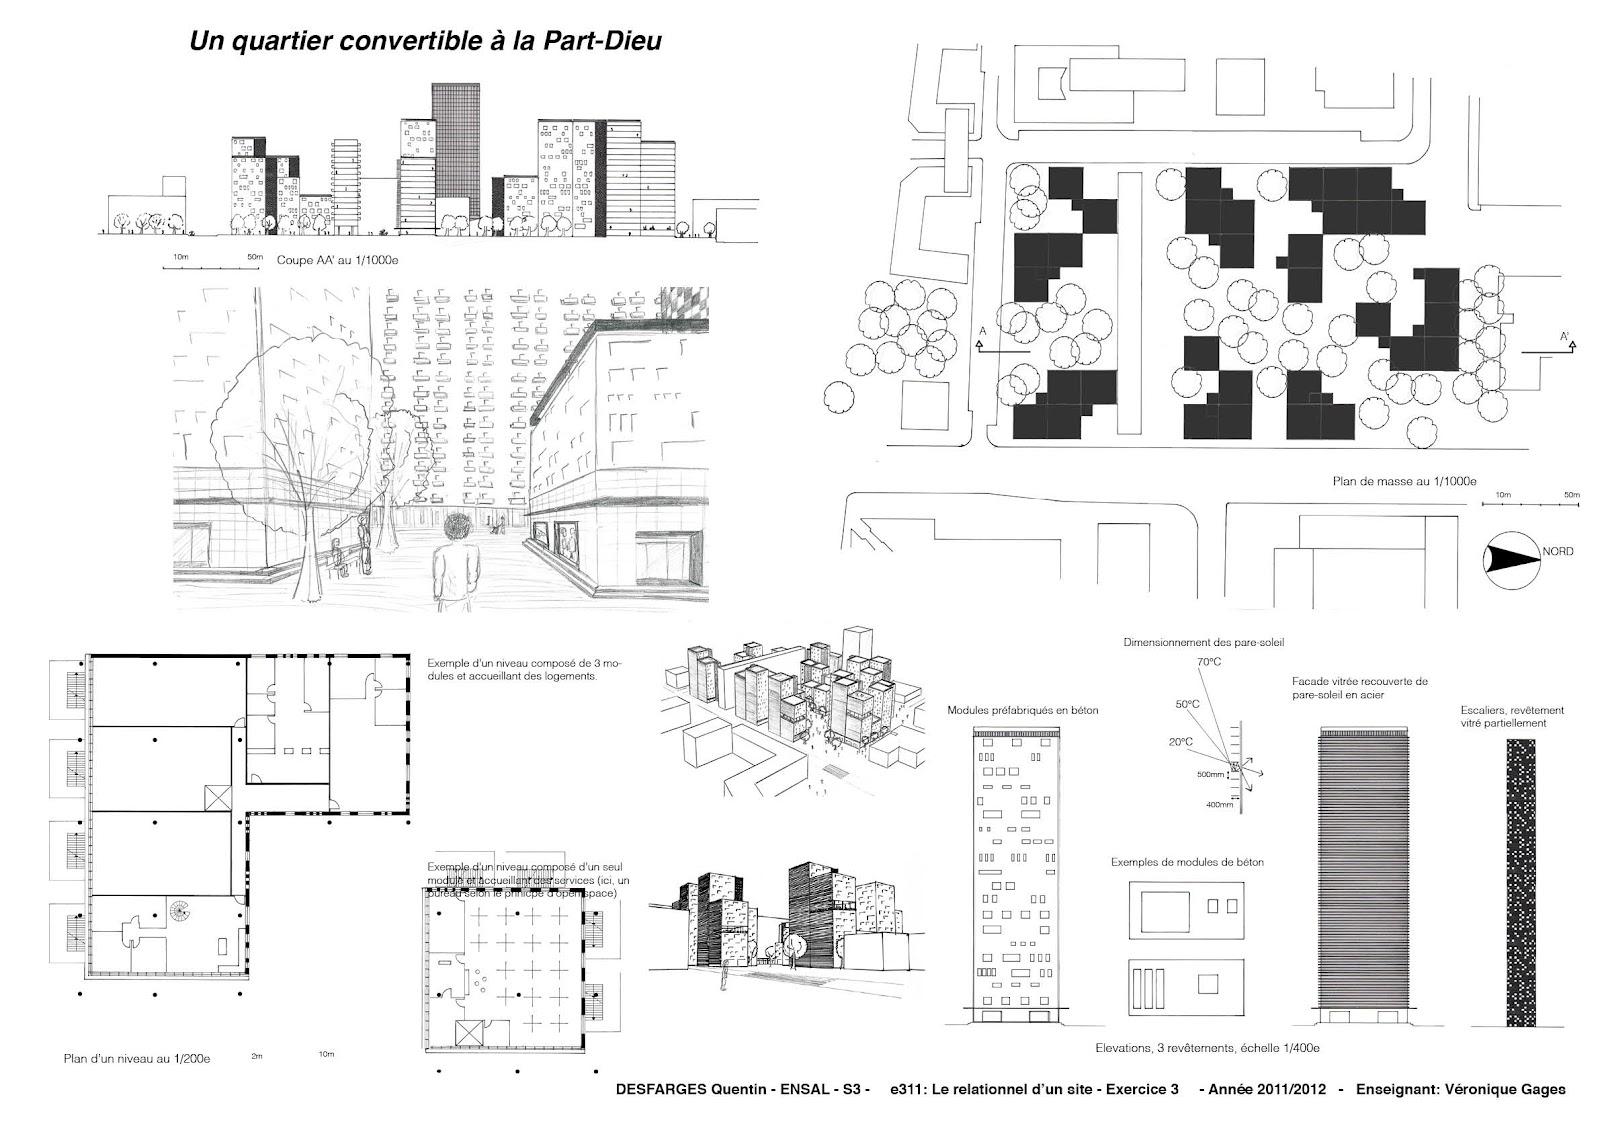 Quentin desfarges architecture exercice 3 esquisse d 39 un for Esquisse architecture